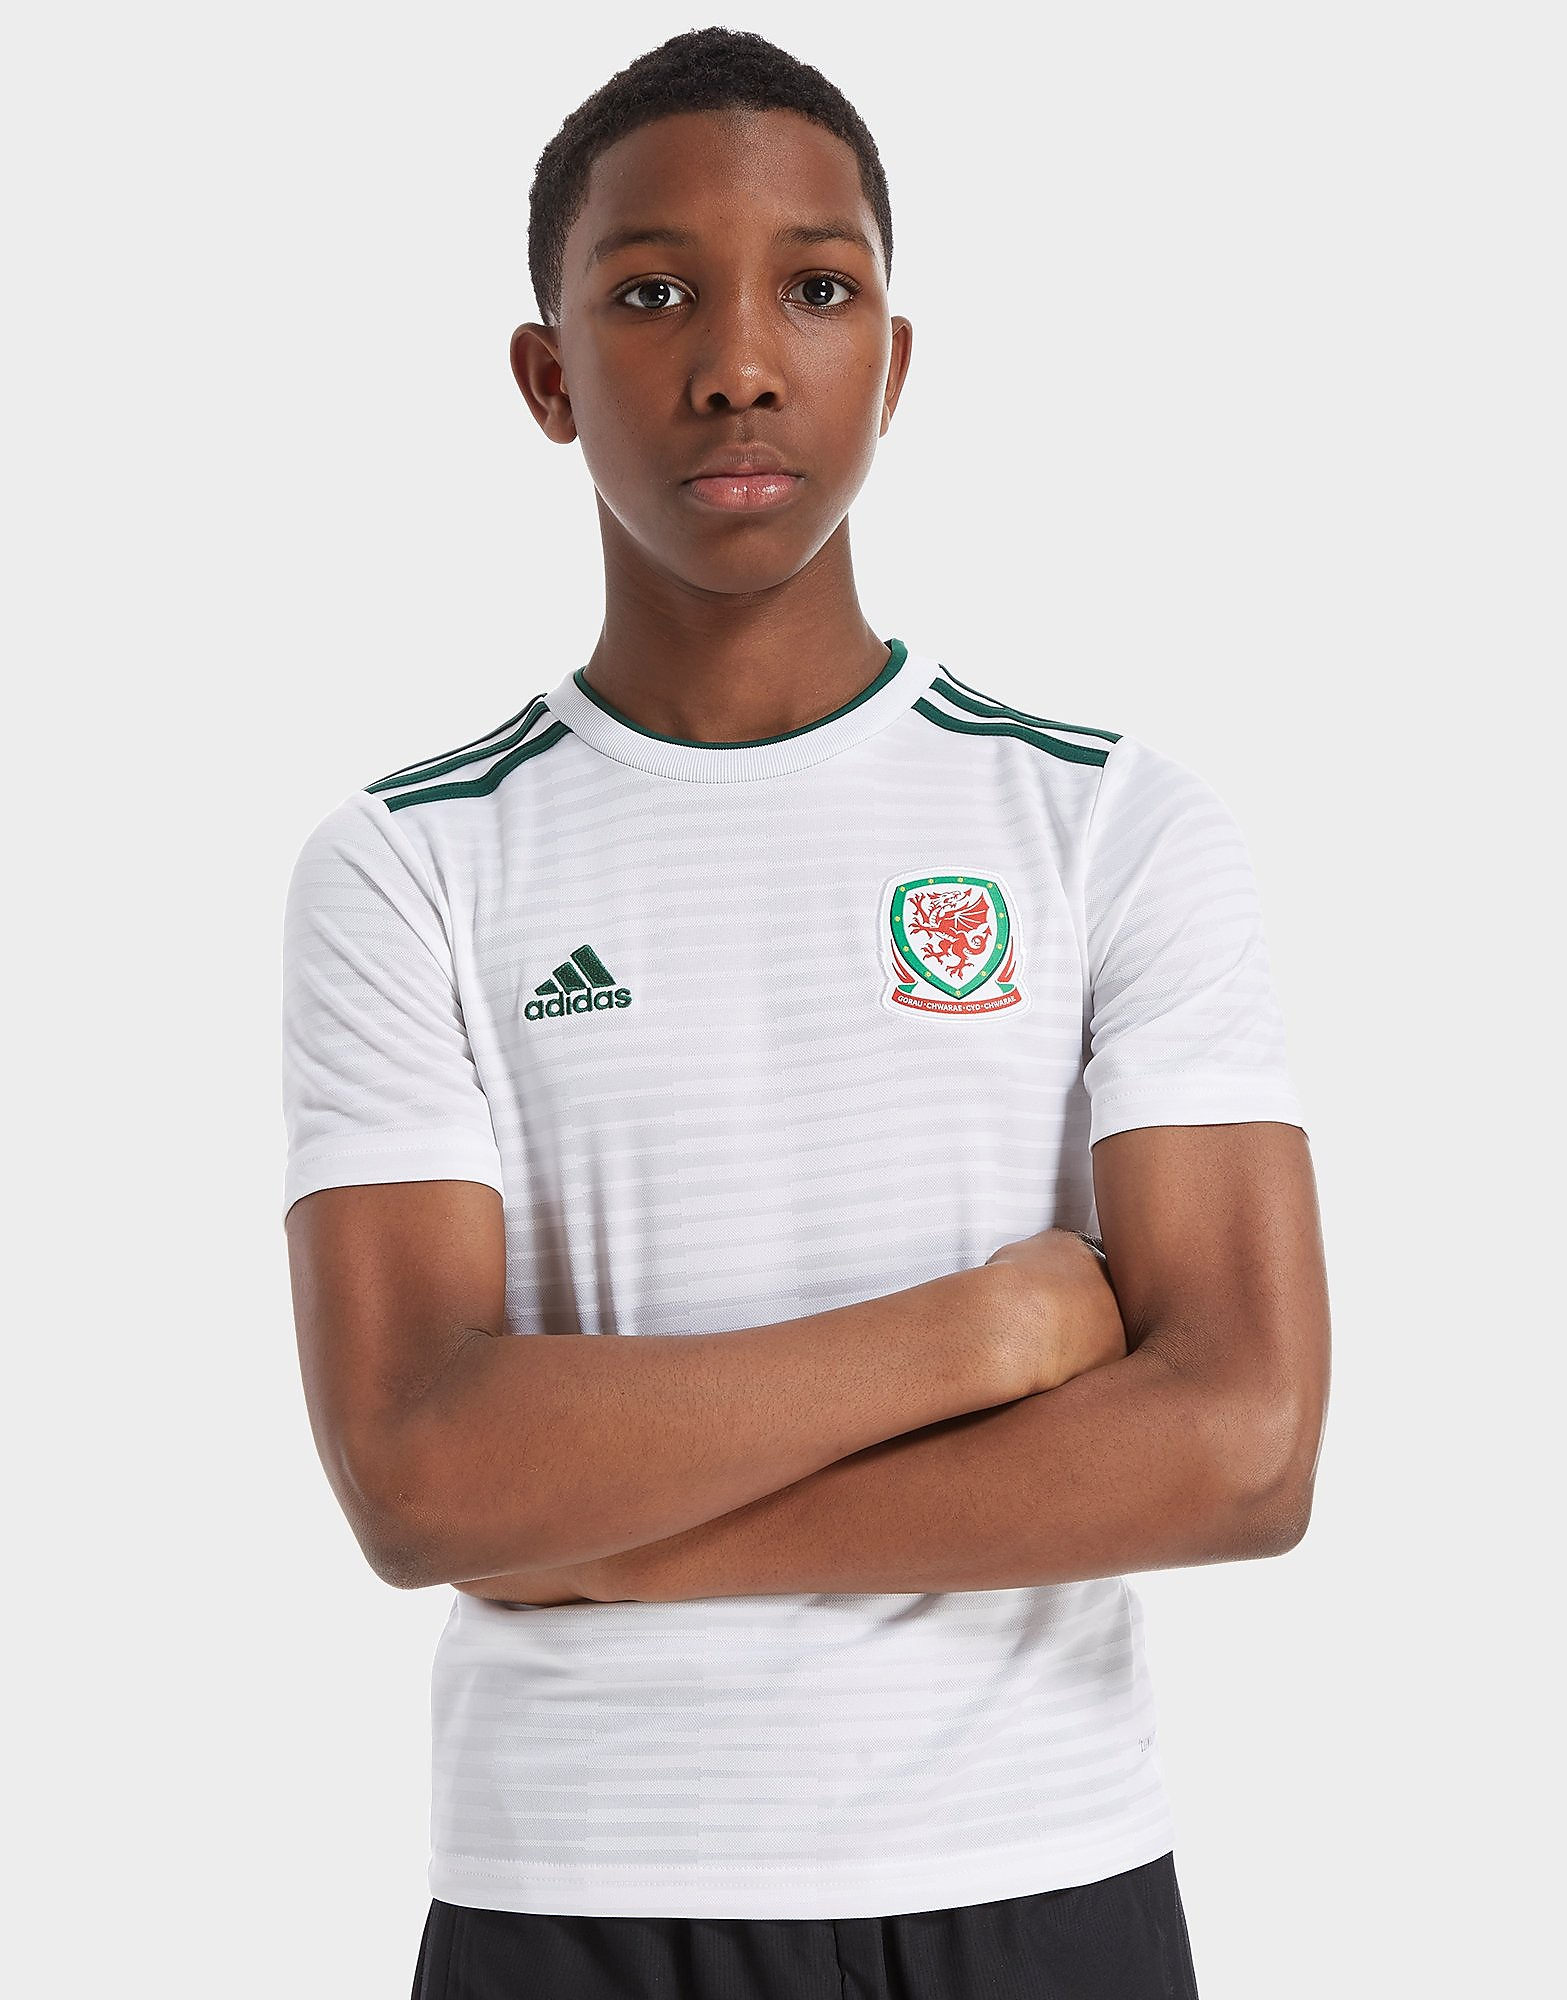 adidas Wales 2018/19 Away Shirt Junior